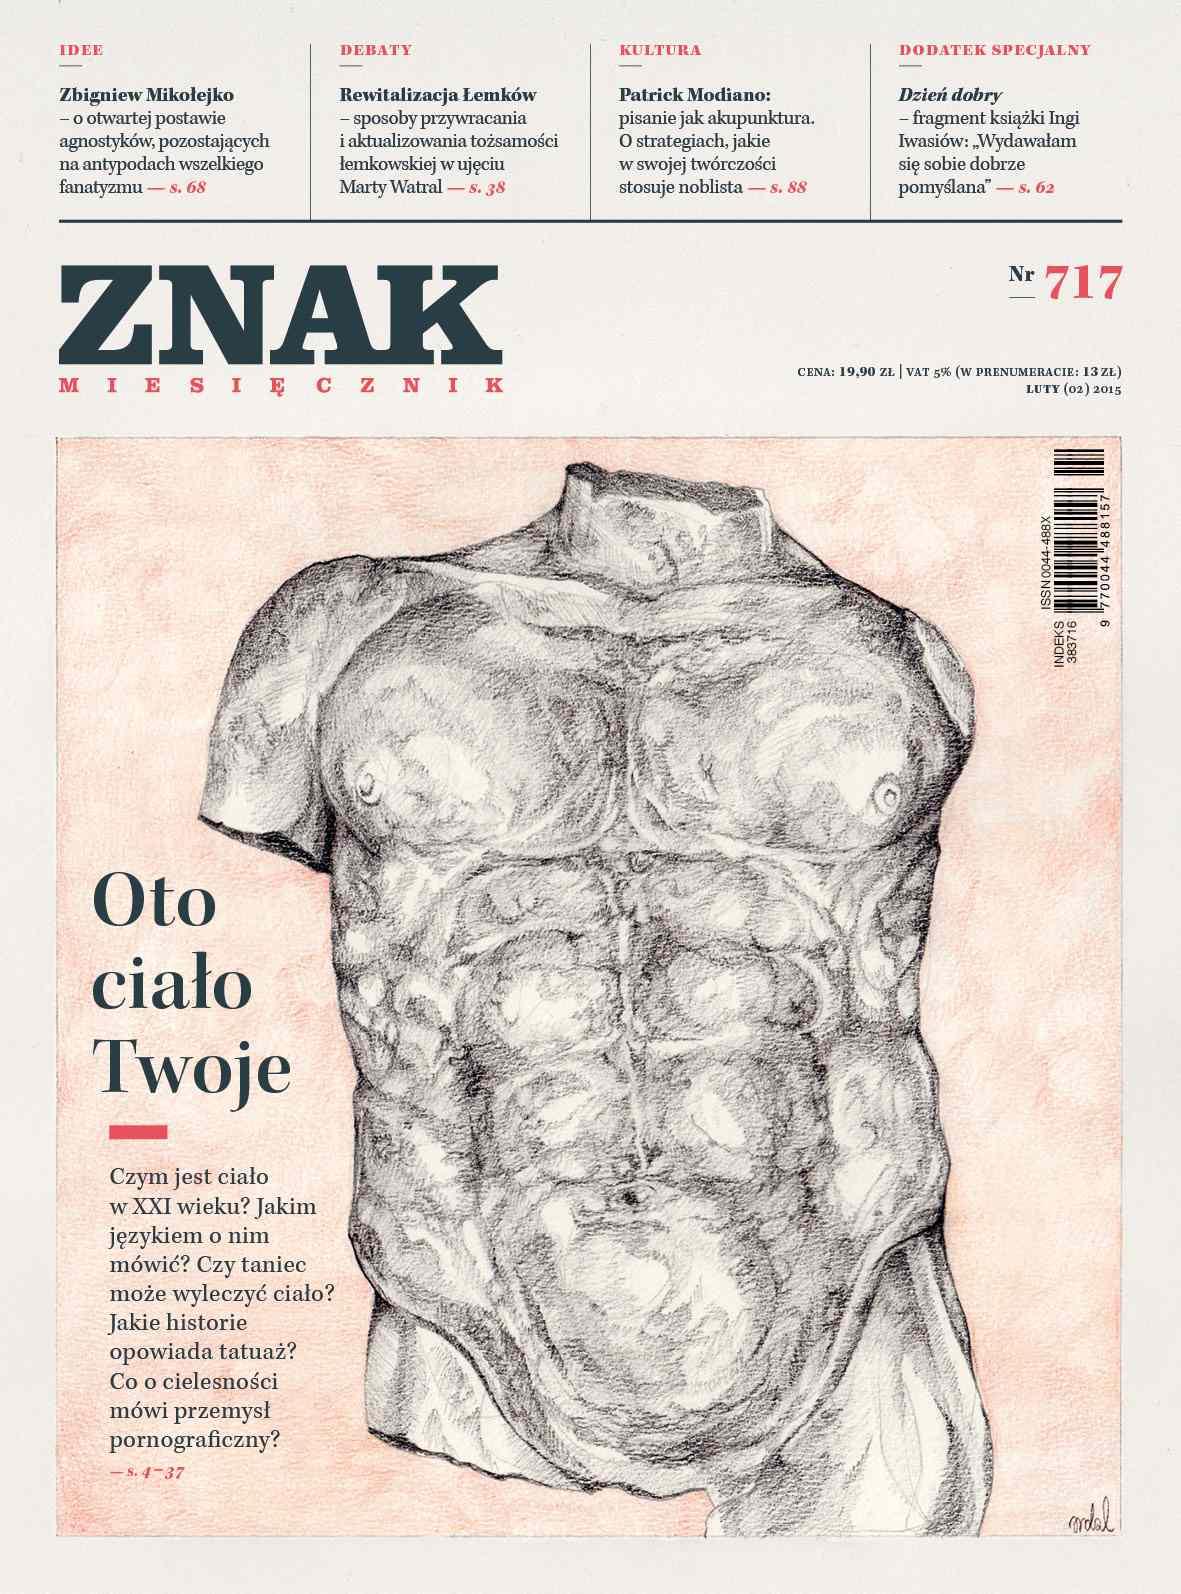 Miesięcznik Znak. Luty 2015 - Ebook (Książka EPUB) do pobrania w formacie EPUB